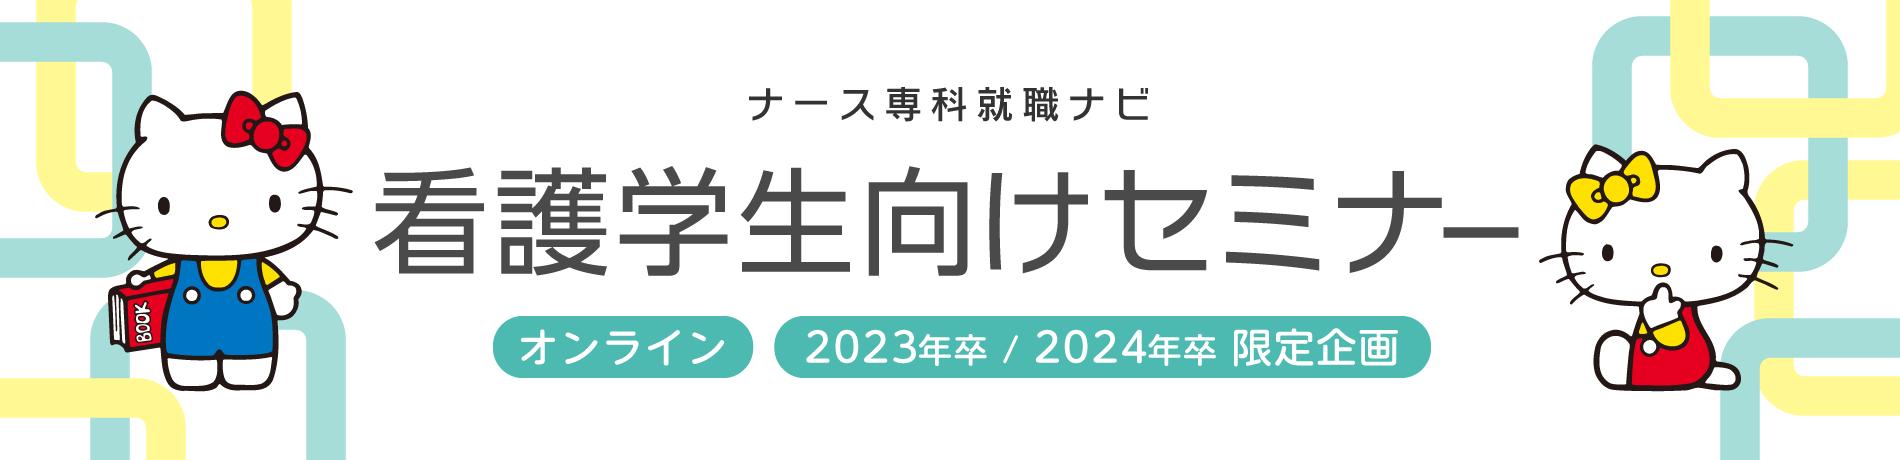 ナース専科就職ナビ 看護学生向けセミナー オンライン 2023年卒/2024年卒限定企画